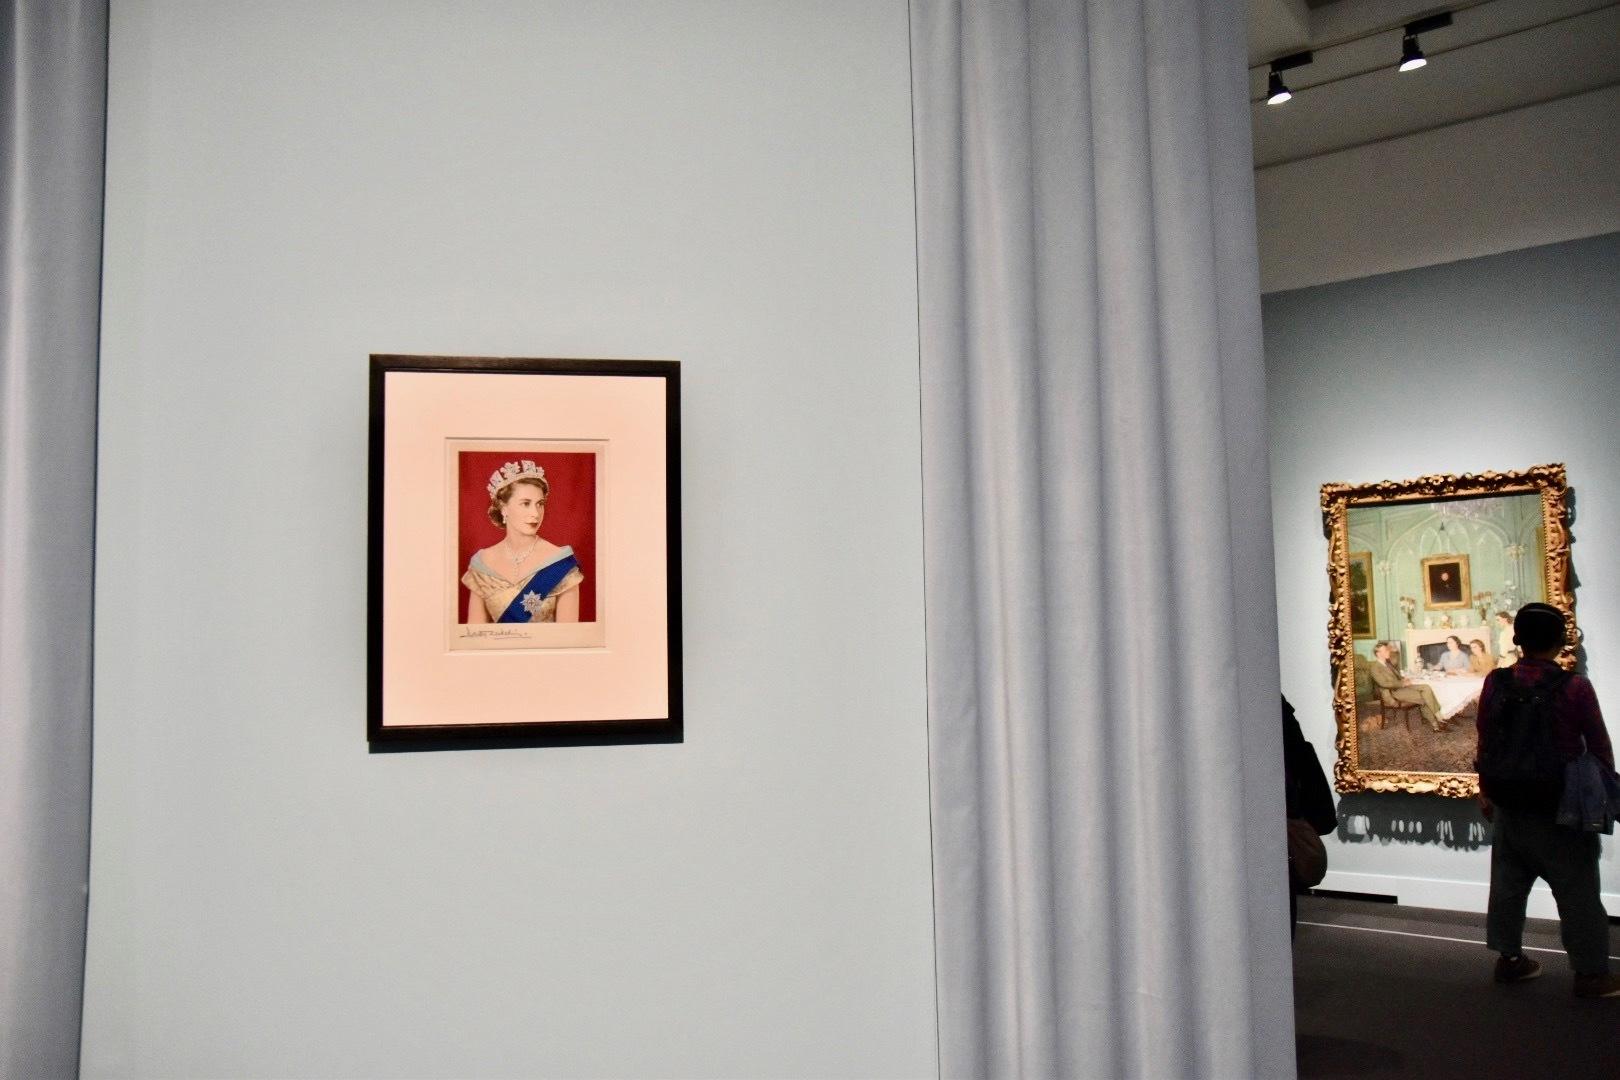 ドロシー・ウィルディング撮影、ベアトリス・ジョンソン彩色《エリザベス2世》1952年2月26日撮影